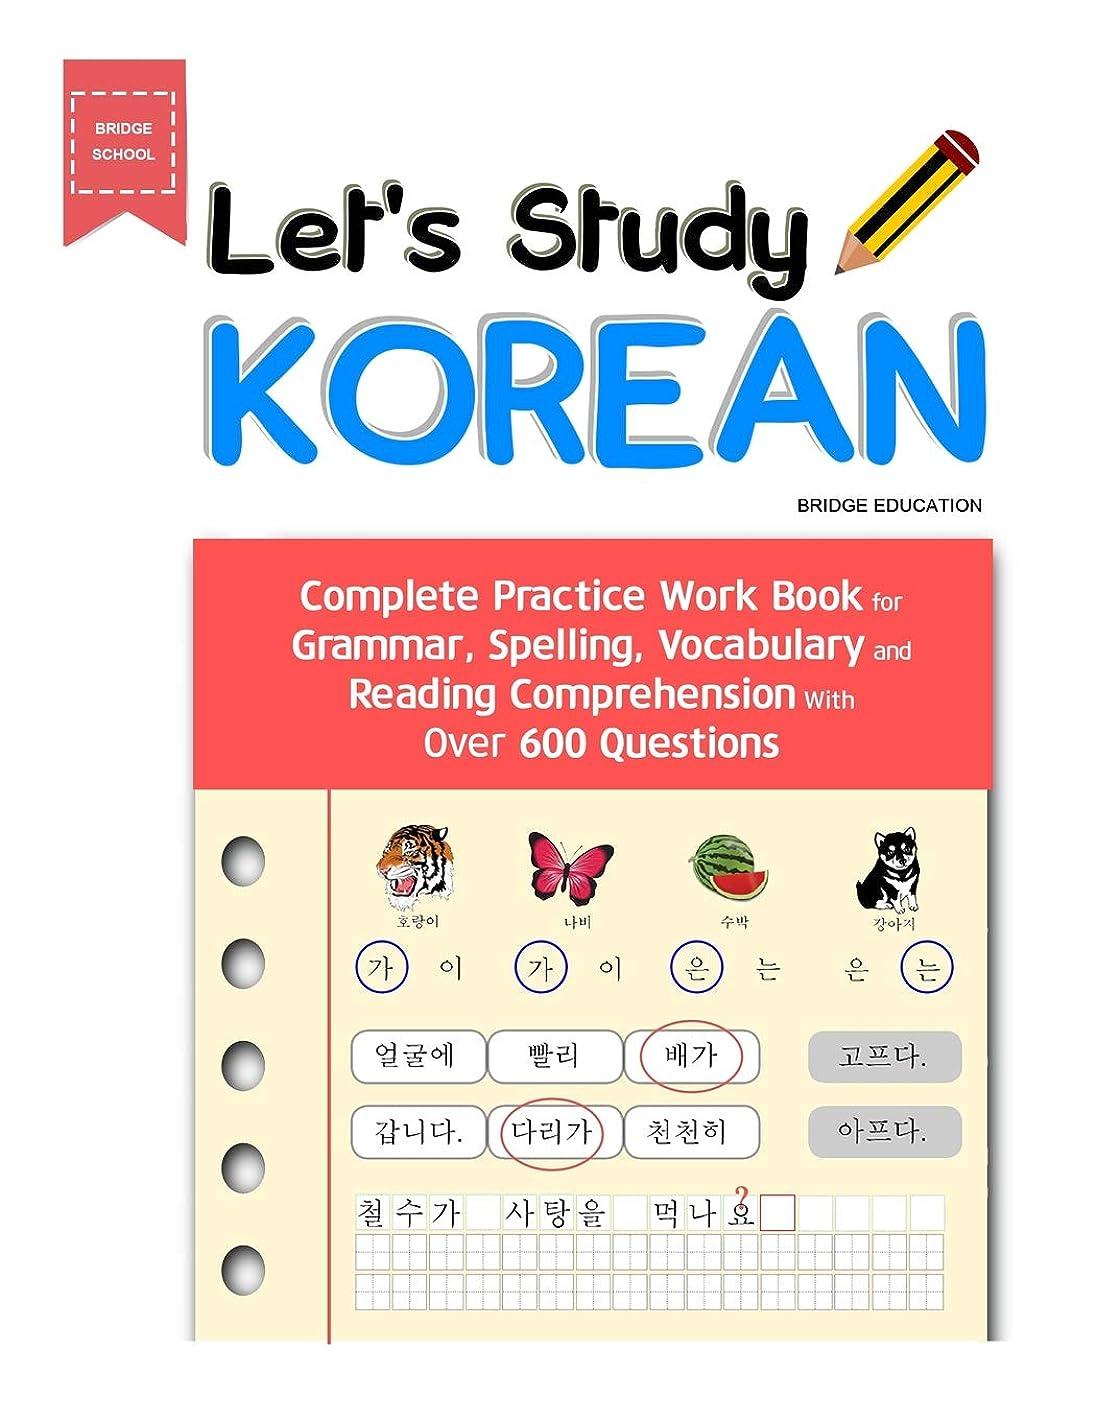 英語の授業があります代替艶Let's Study Korean: Complete Practice Work Book for Grammar, Spelling, Vocabulary and Reading Comprehension With Over 600 Questions